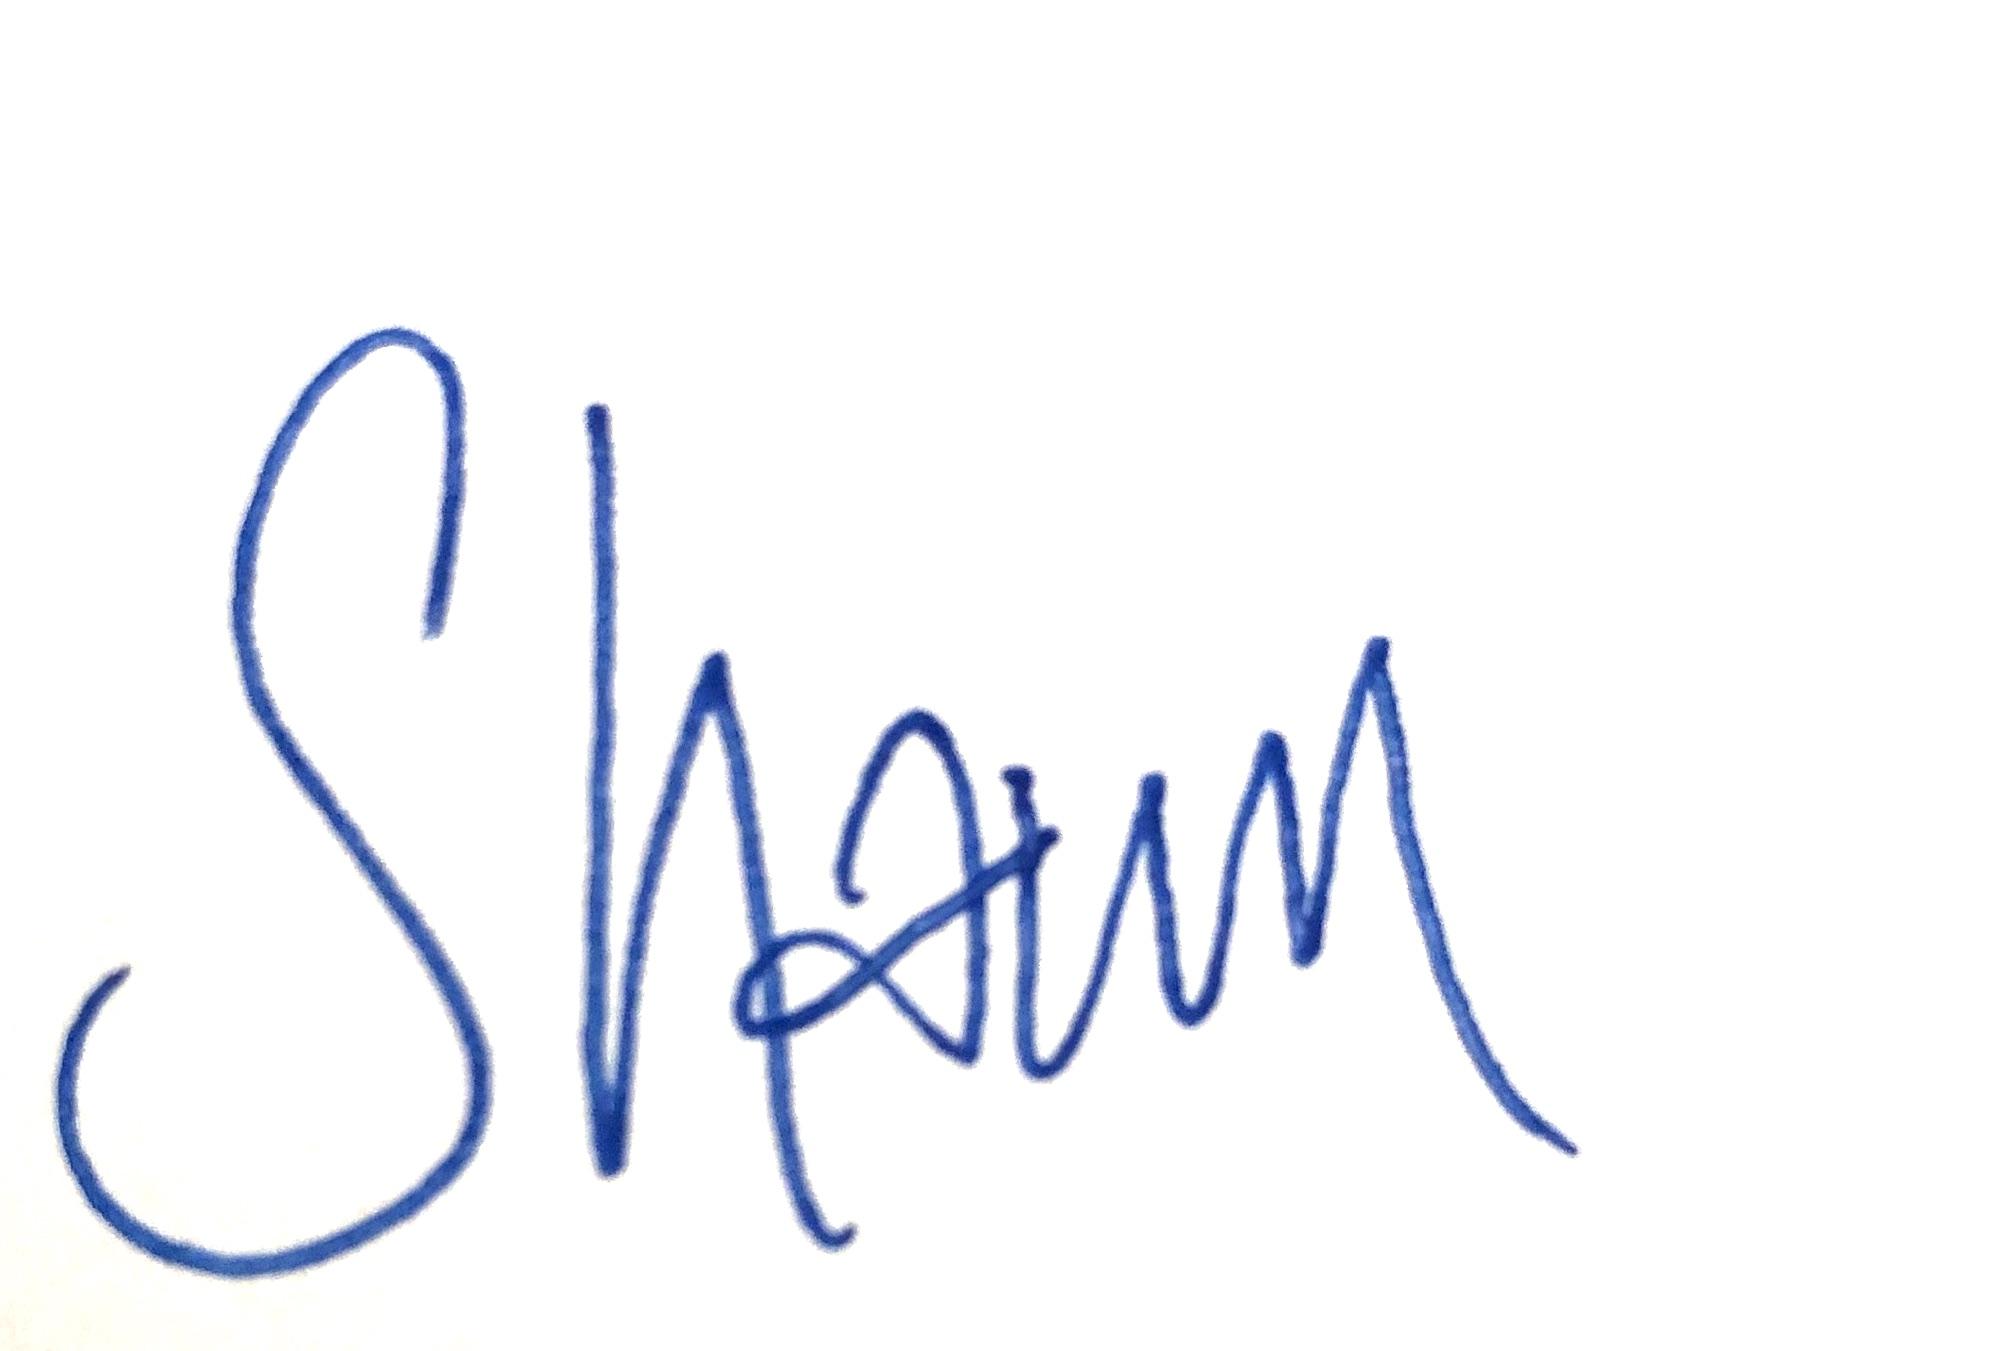 Shaun Ilahi signature.jpg